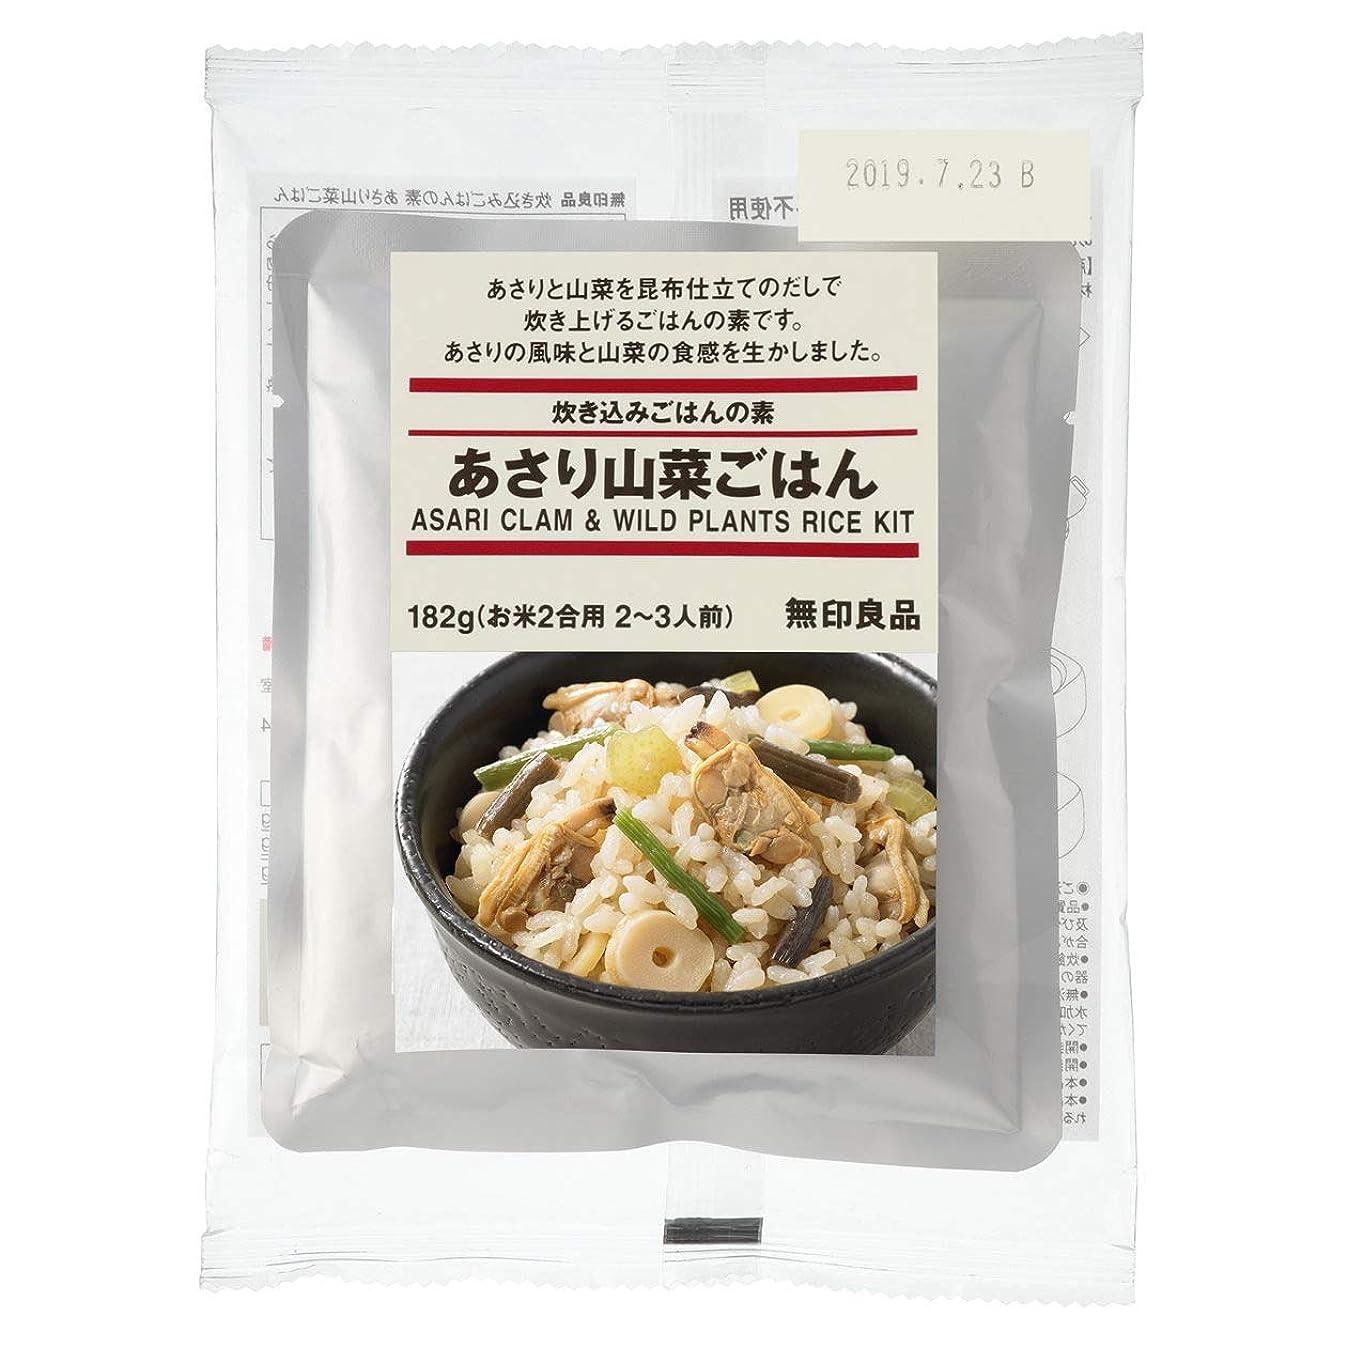 意図的四回特徴づける無印良品 炊き込みごはんの素 ビビンバ 185g(お米2合用2~3人前)